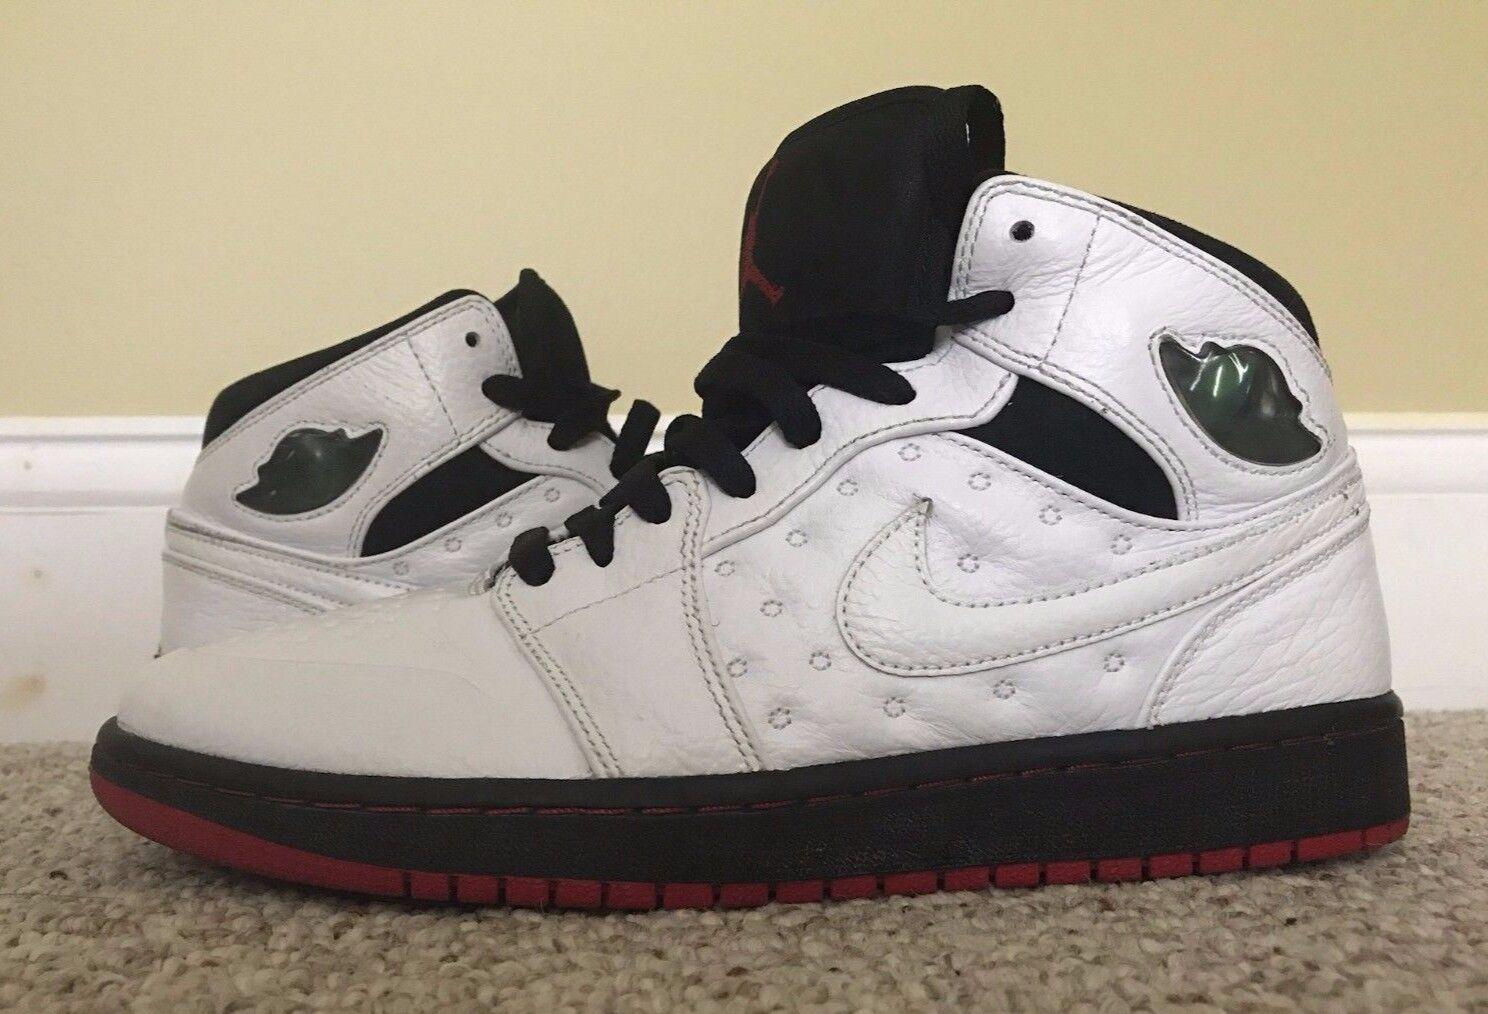 Nike Air Jordan 1 Retro '97 Men's Shoe Comfortable Cheap and beautiful fashion